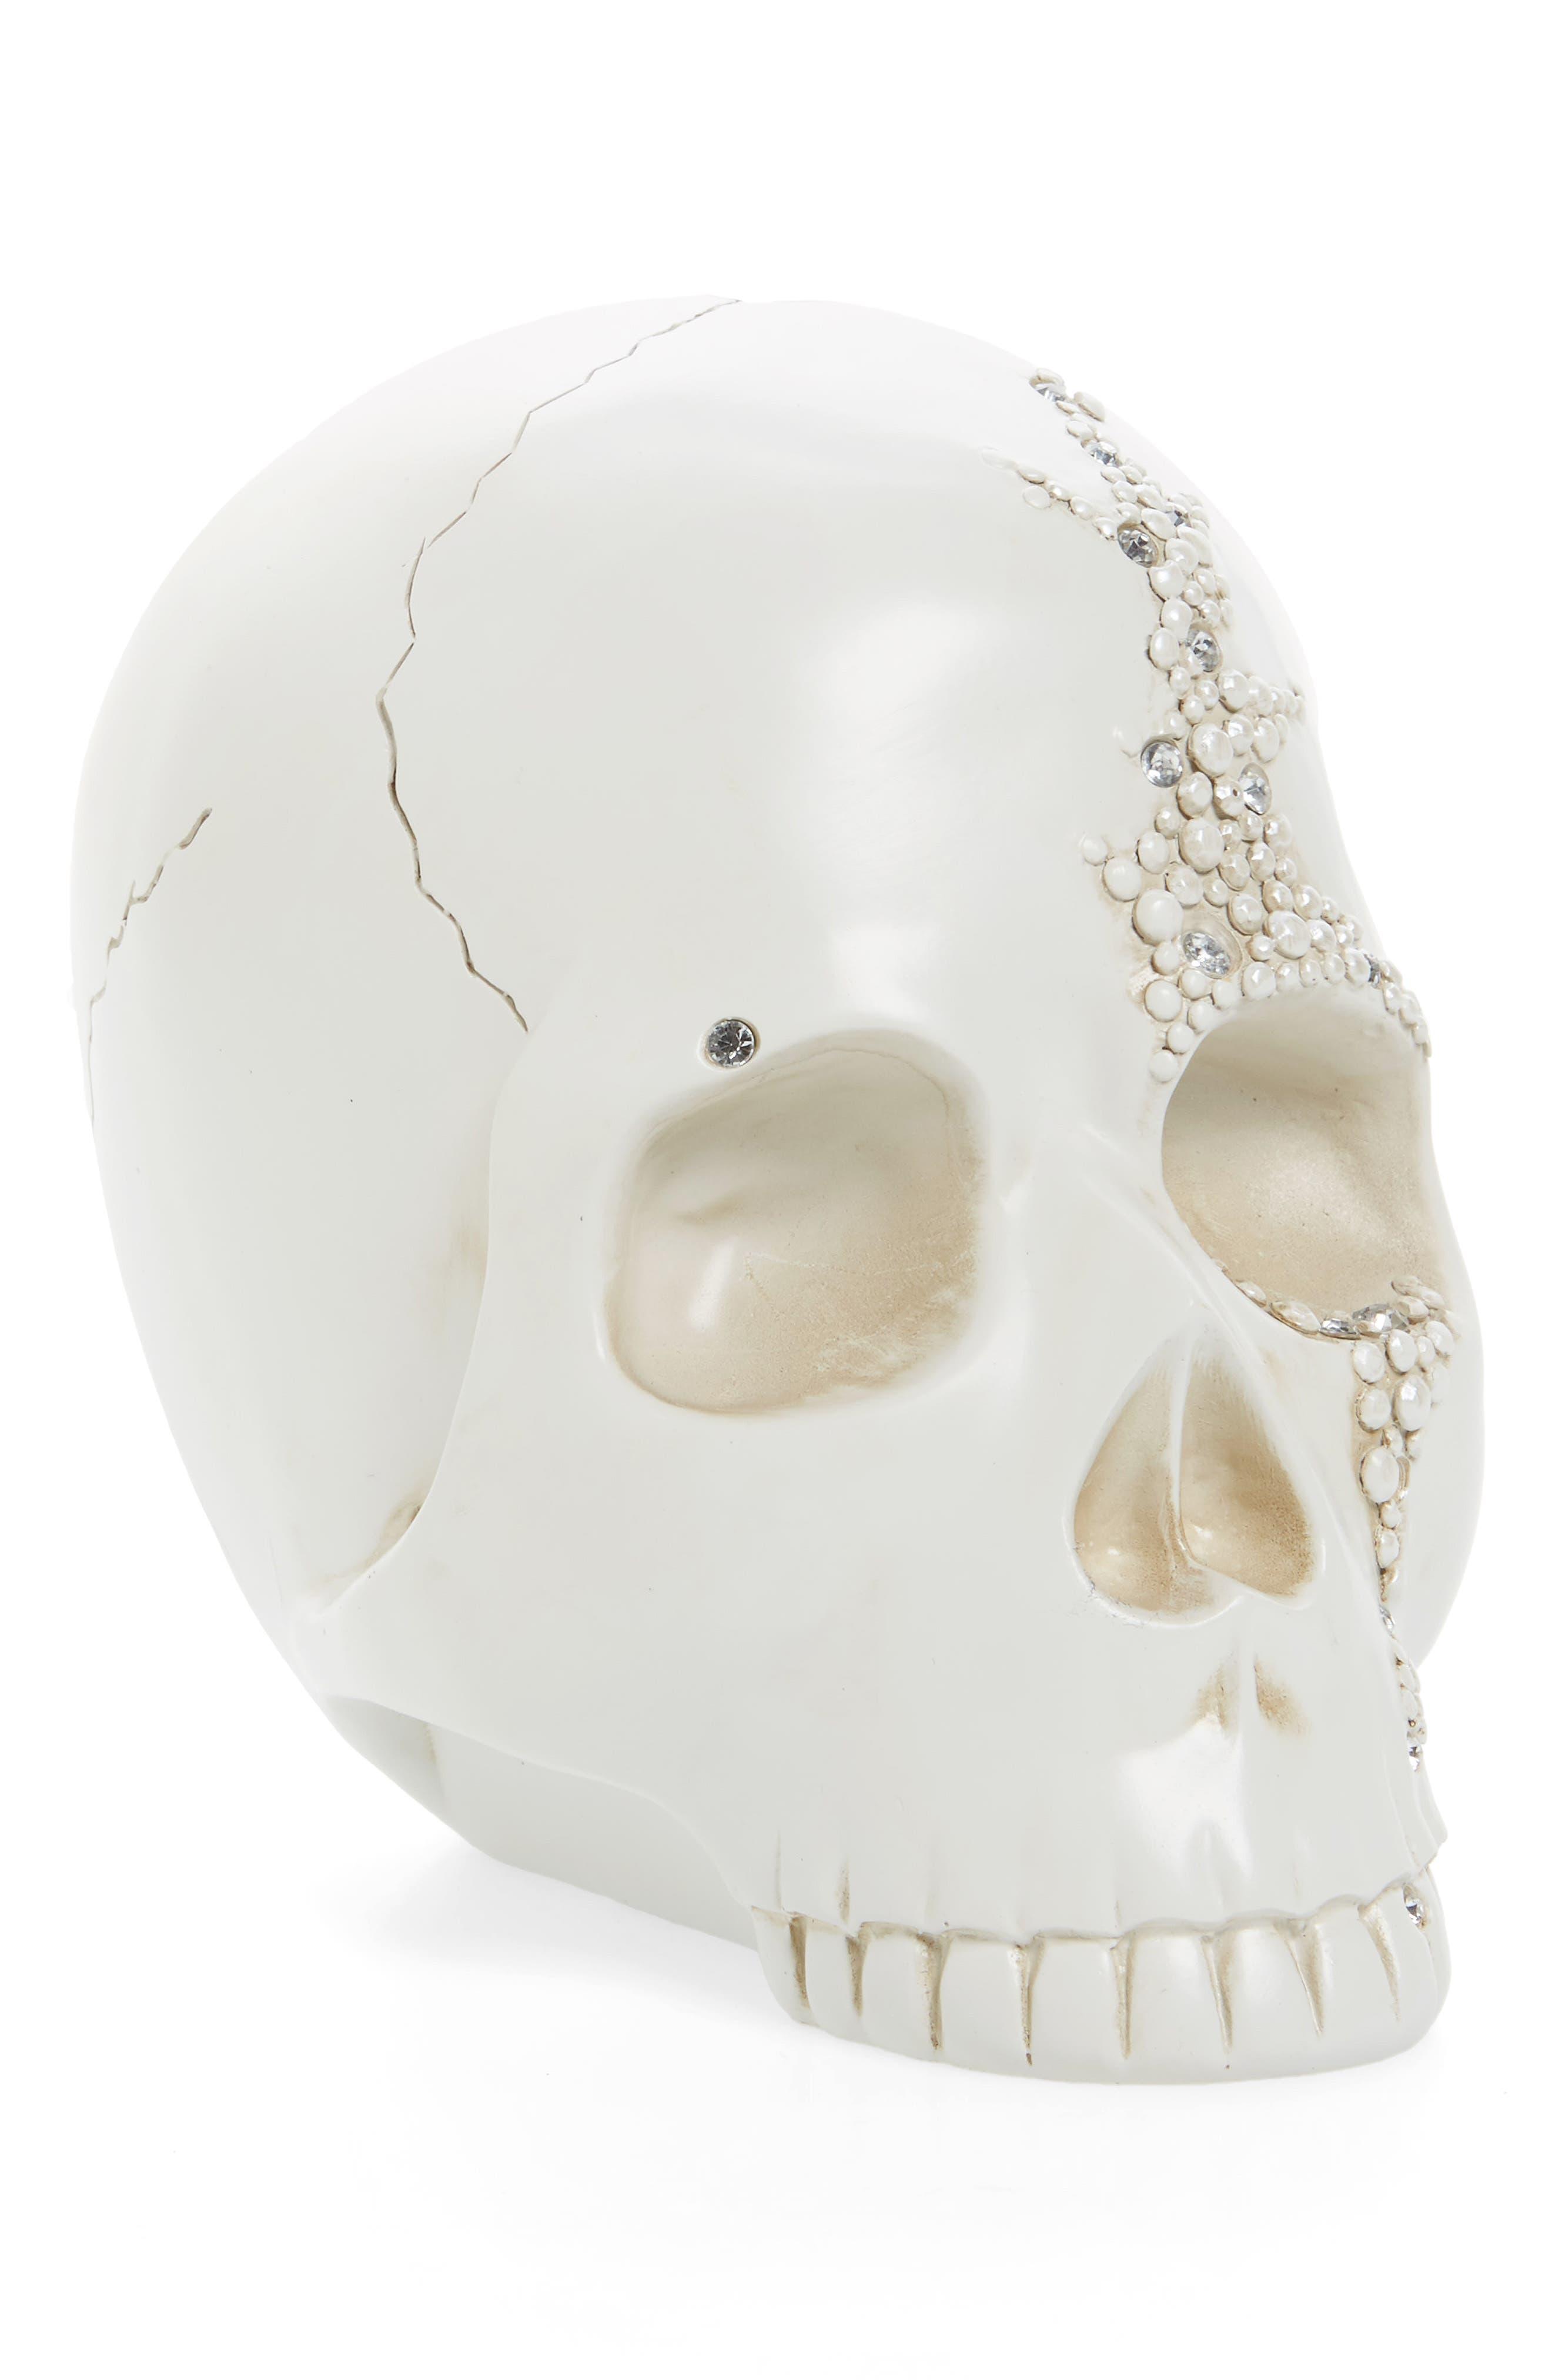 Silvertone Skull Decoration,                         Main,                         color, Silver